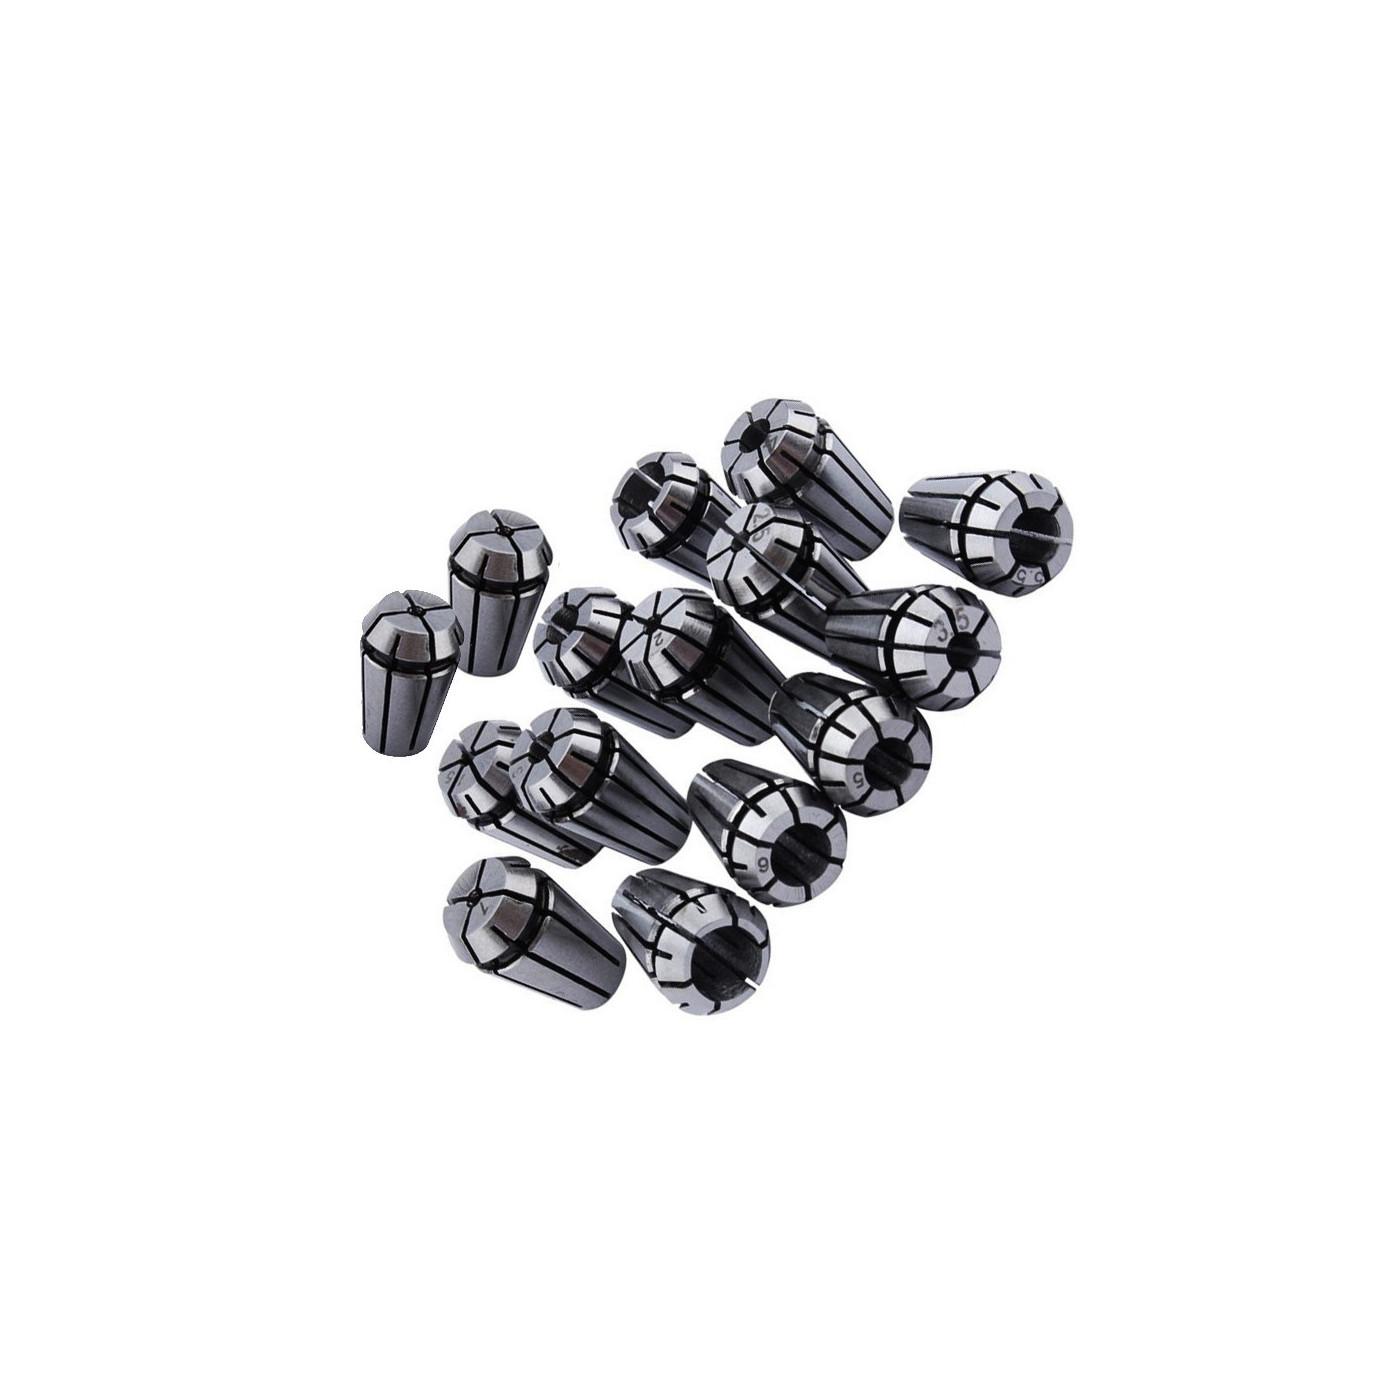 Establecer mandriles de collar ER11 (15 piezas, 1-7 mm, incluyendo 1/8 inch, 1/4 inch)  - 1